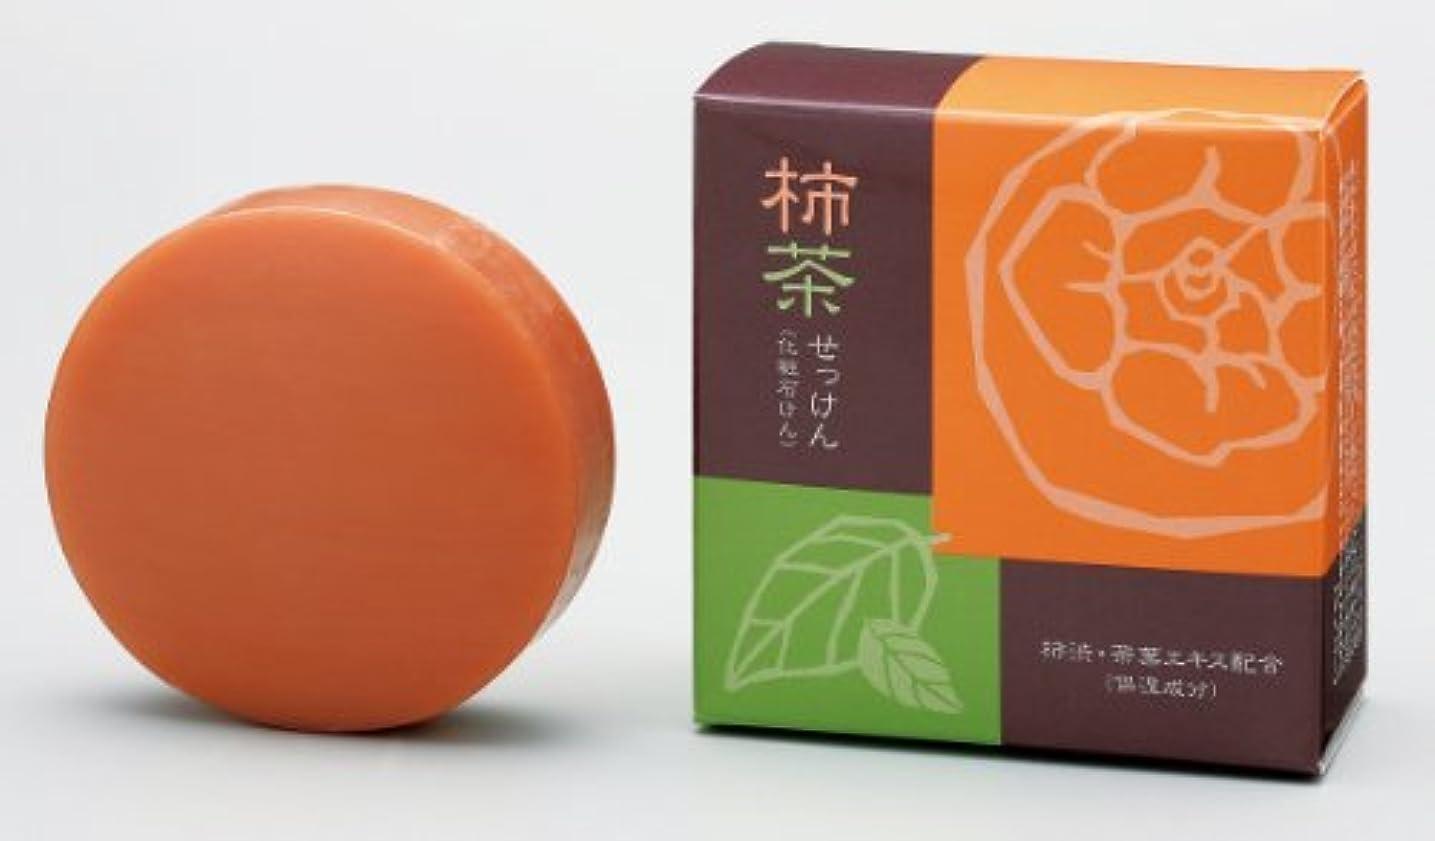 ハンマーロープフリル柿茶石けん 6個組